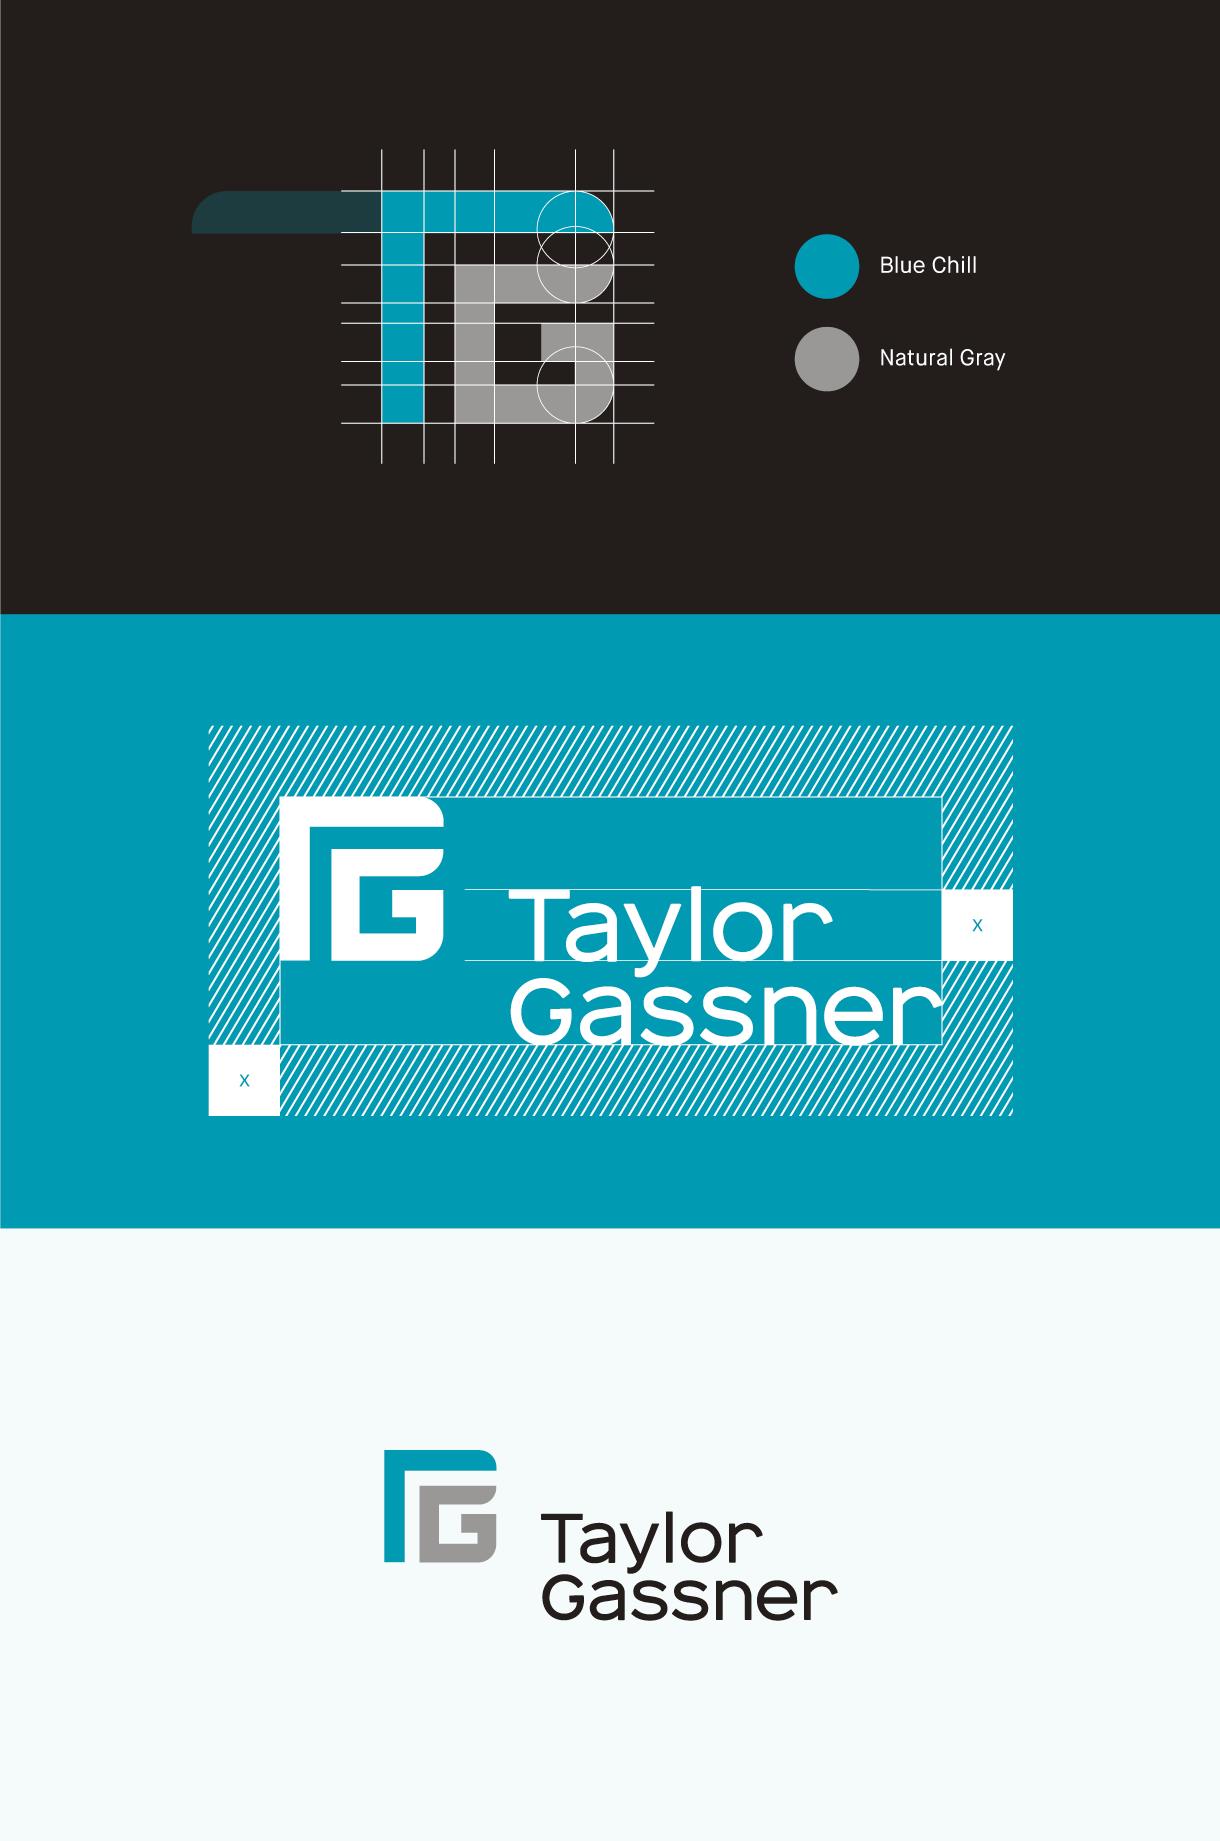 Taylor und Gassner, Logo Konsturktion